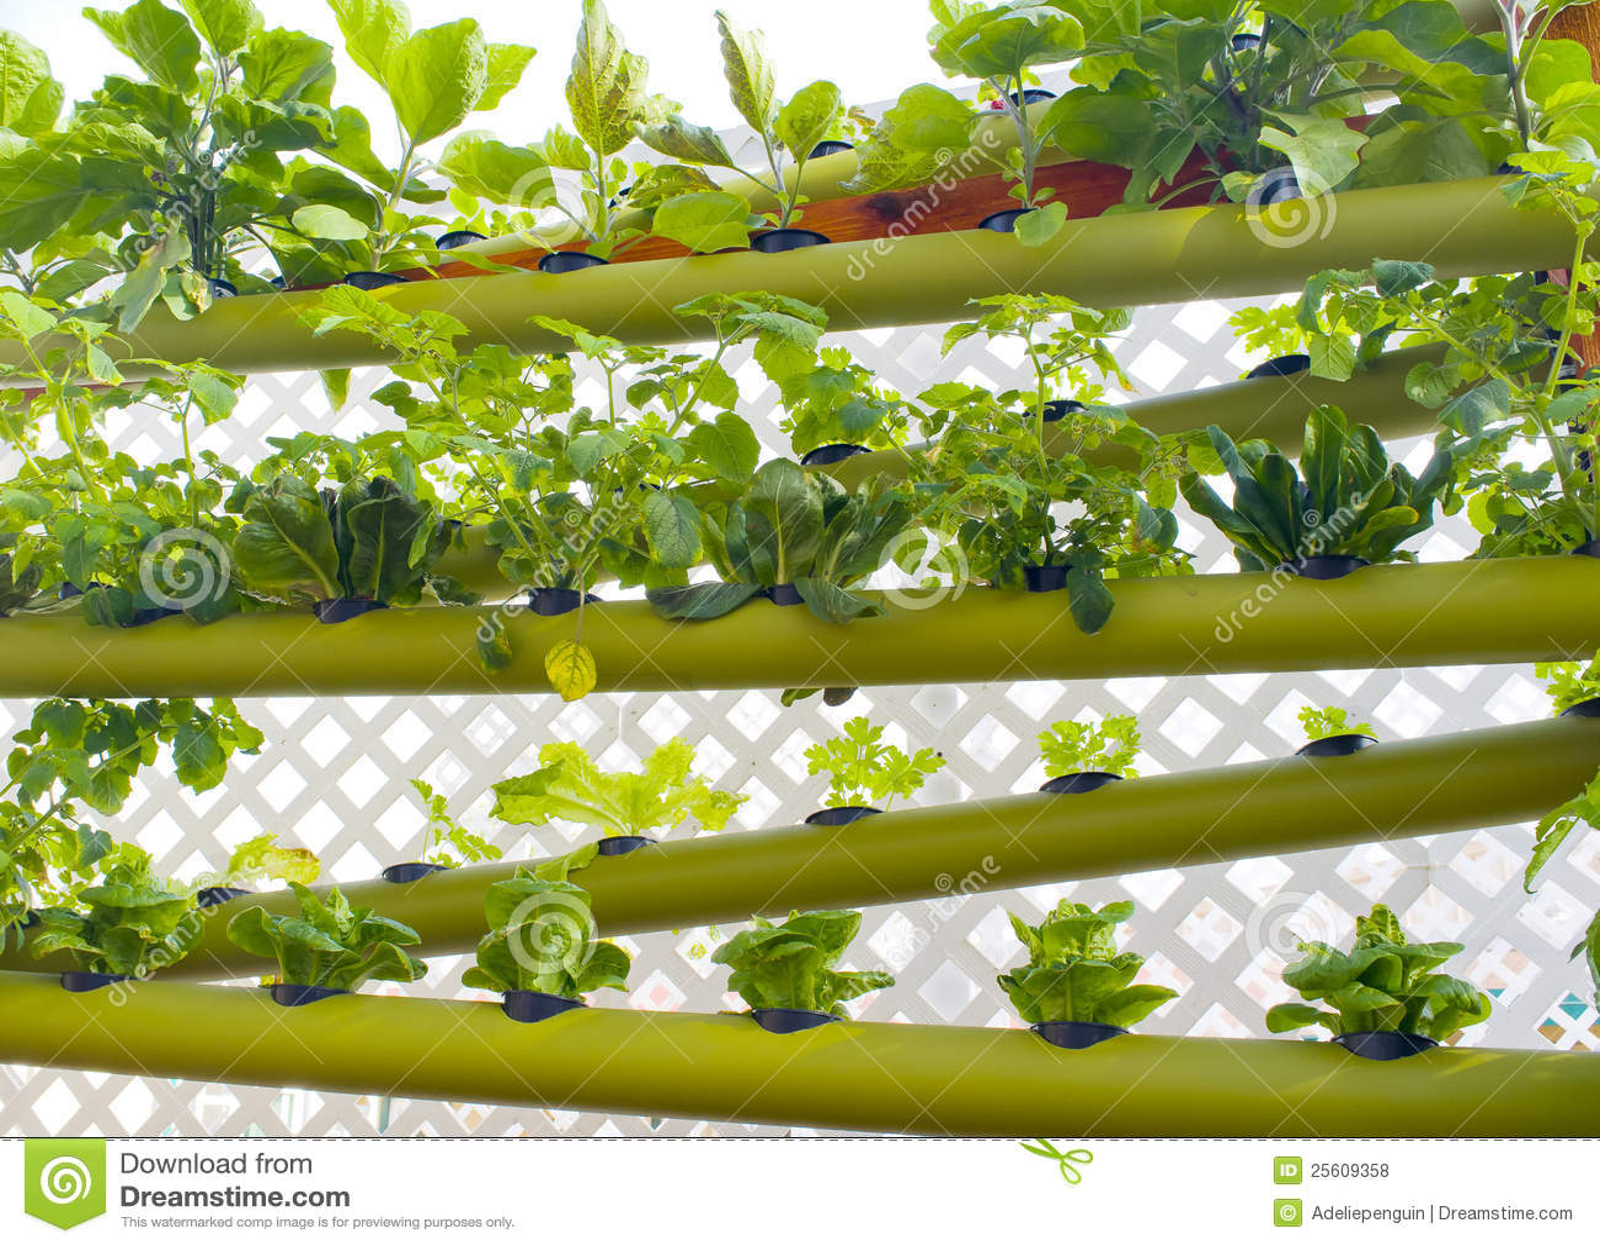 jard n vertical hidrop nico de la tierra fotos de archivo